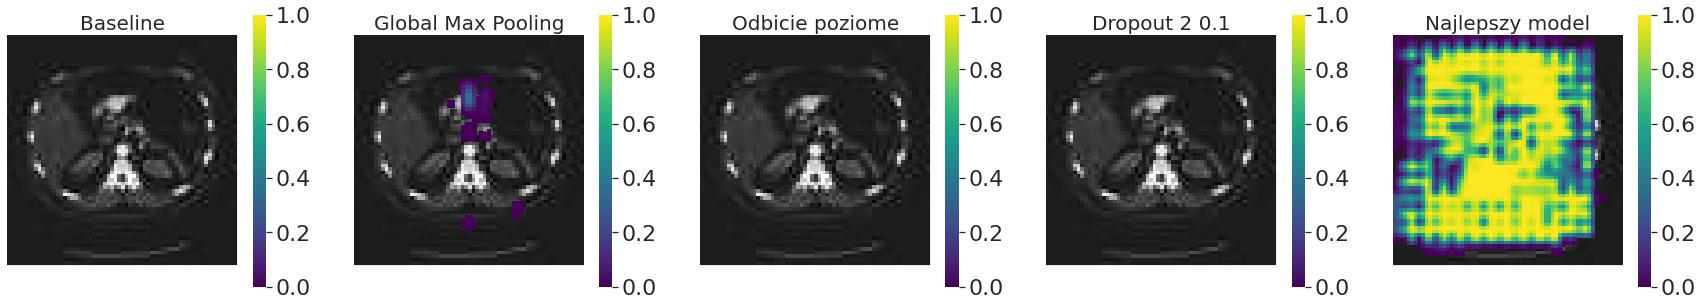 Occlusion sensitivity różnych modeli dla rozmiaru ramki 8 x 8 pikseli